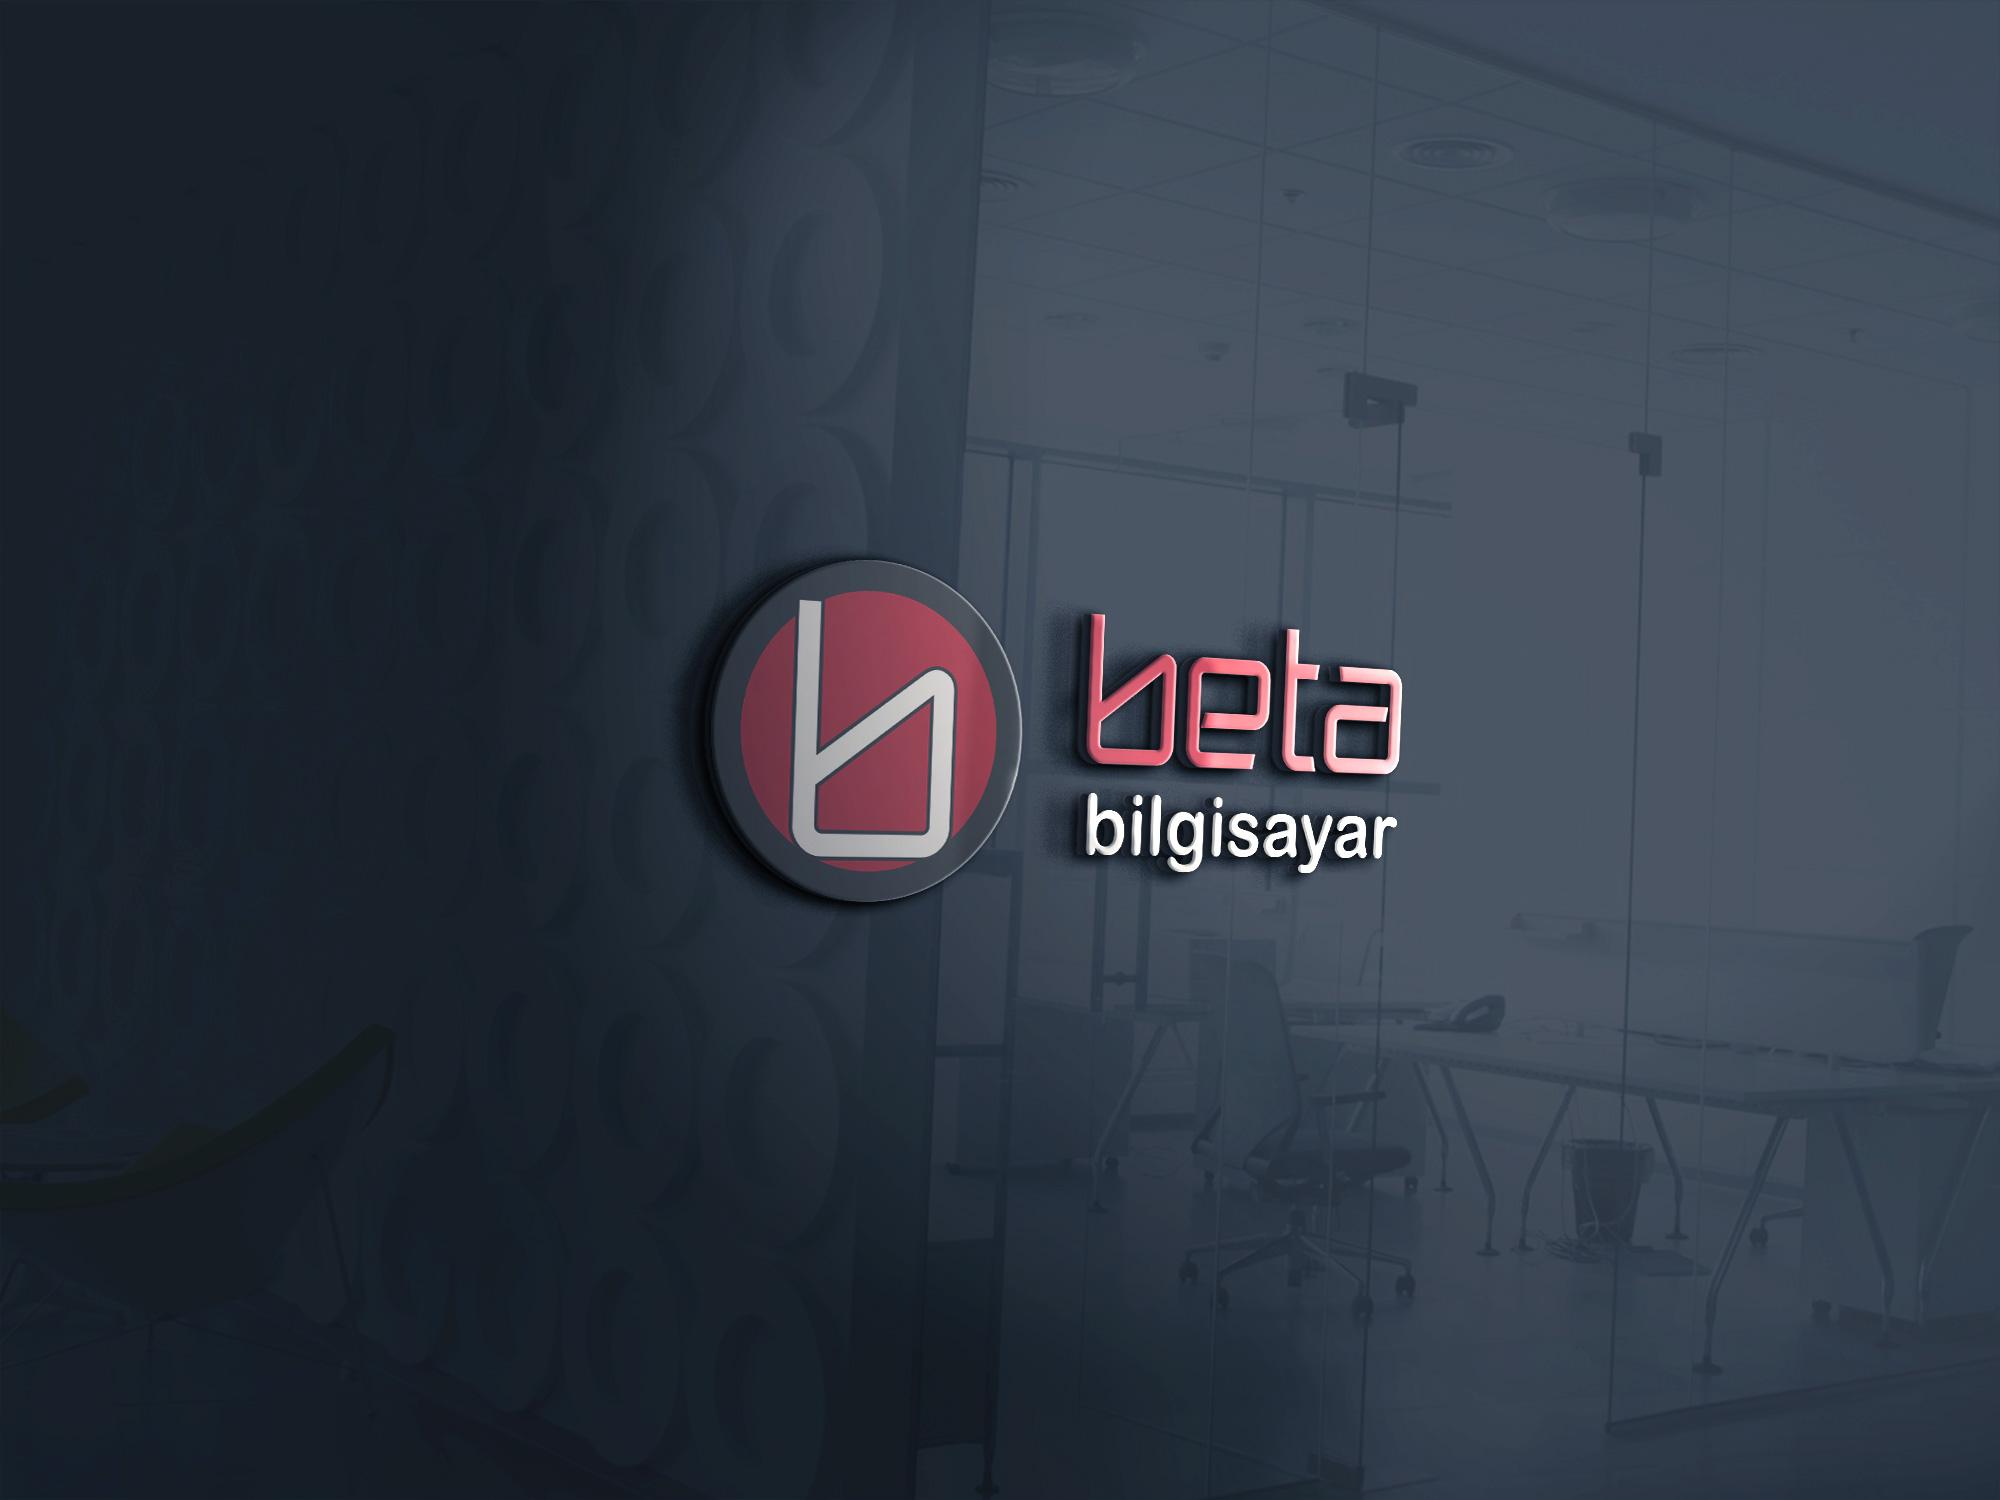 beta bilgisayar logo tasarım - Neler Yaptık?